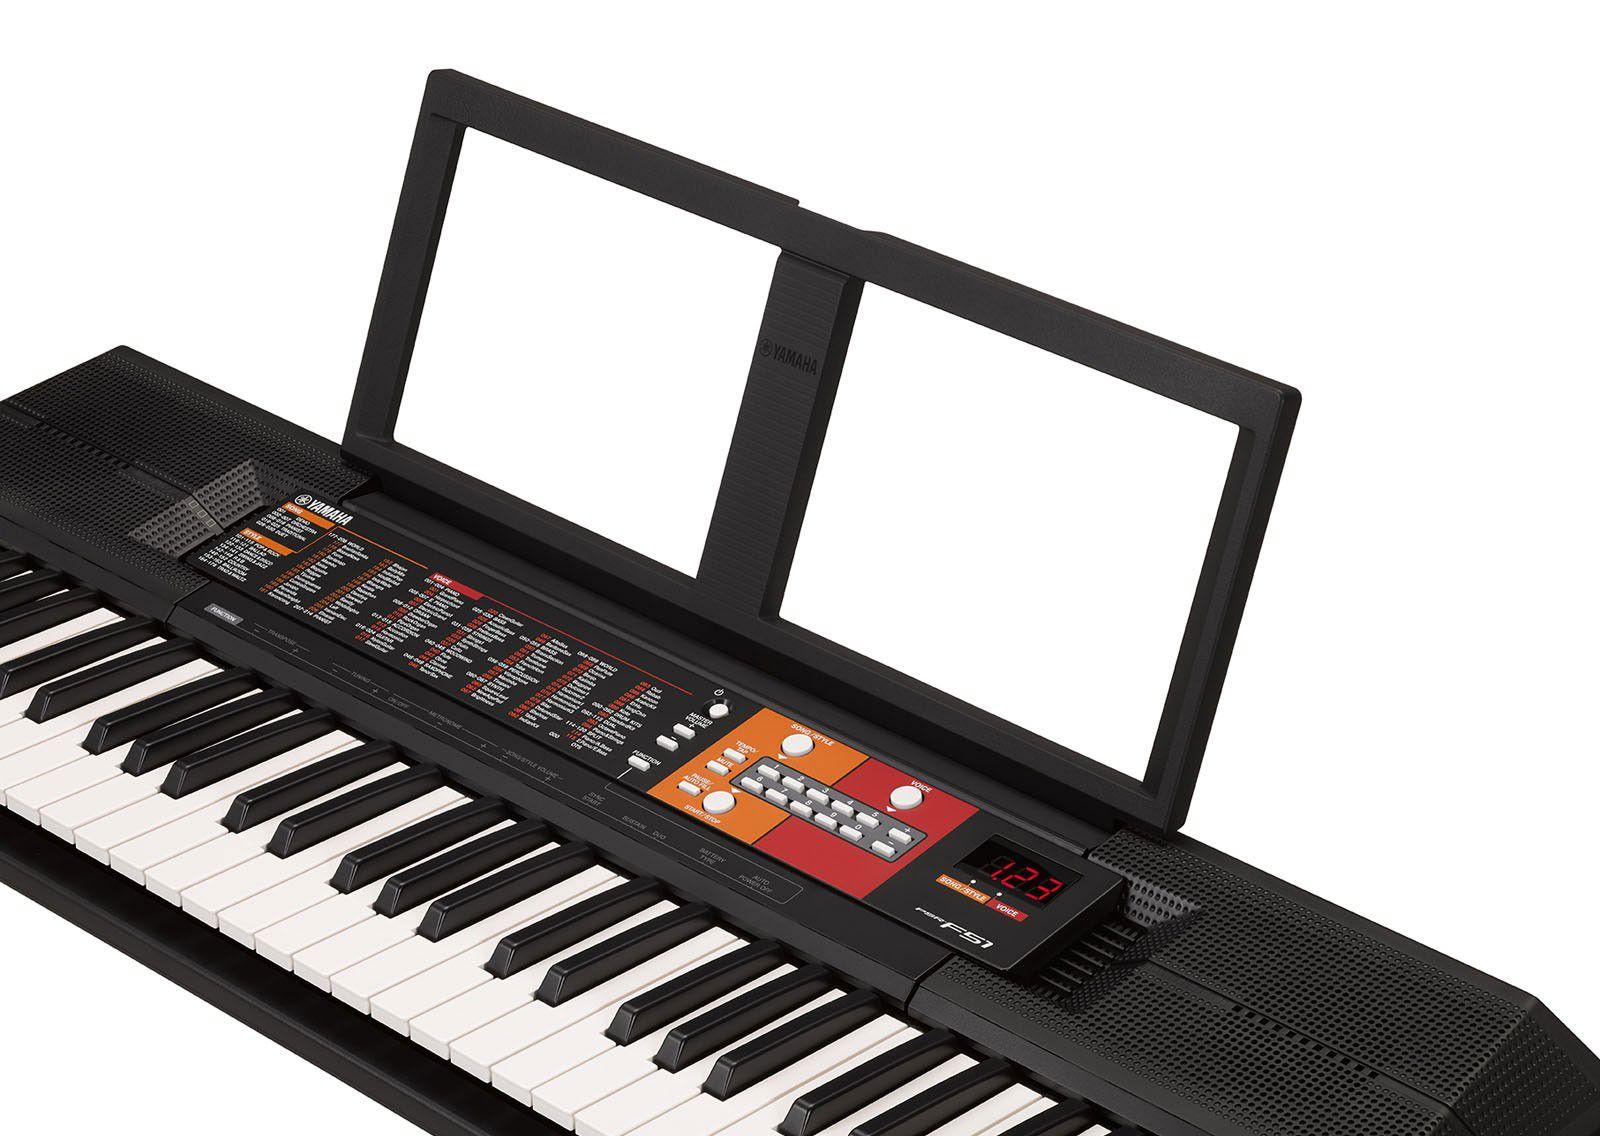 Kit Teclado Musical Yamaha Psr F51 + Suporte Capa